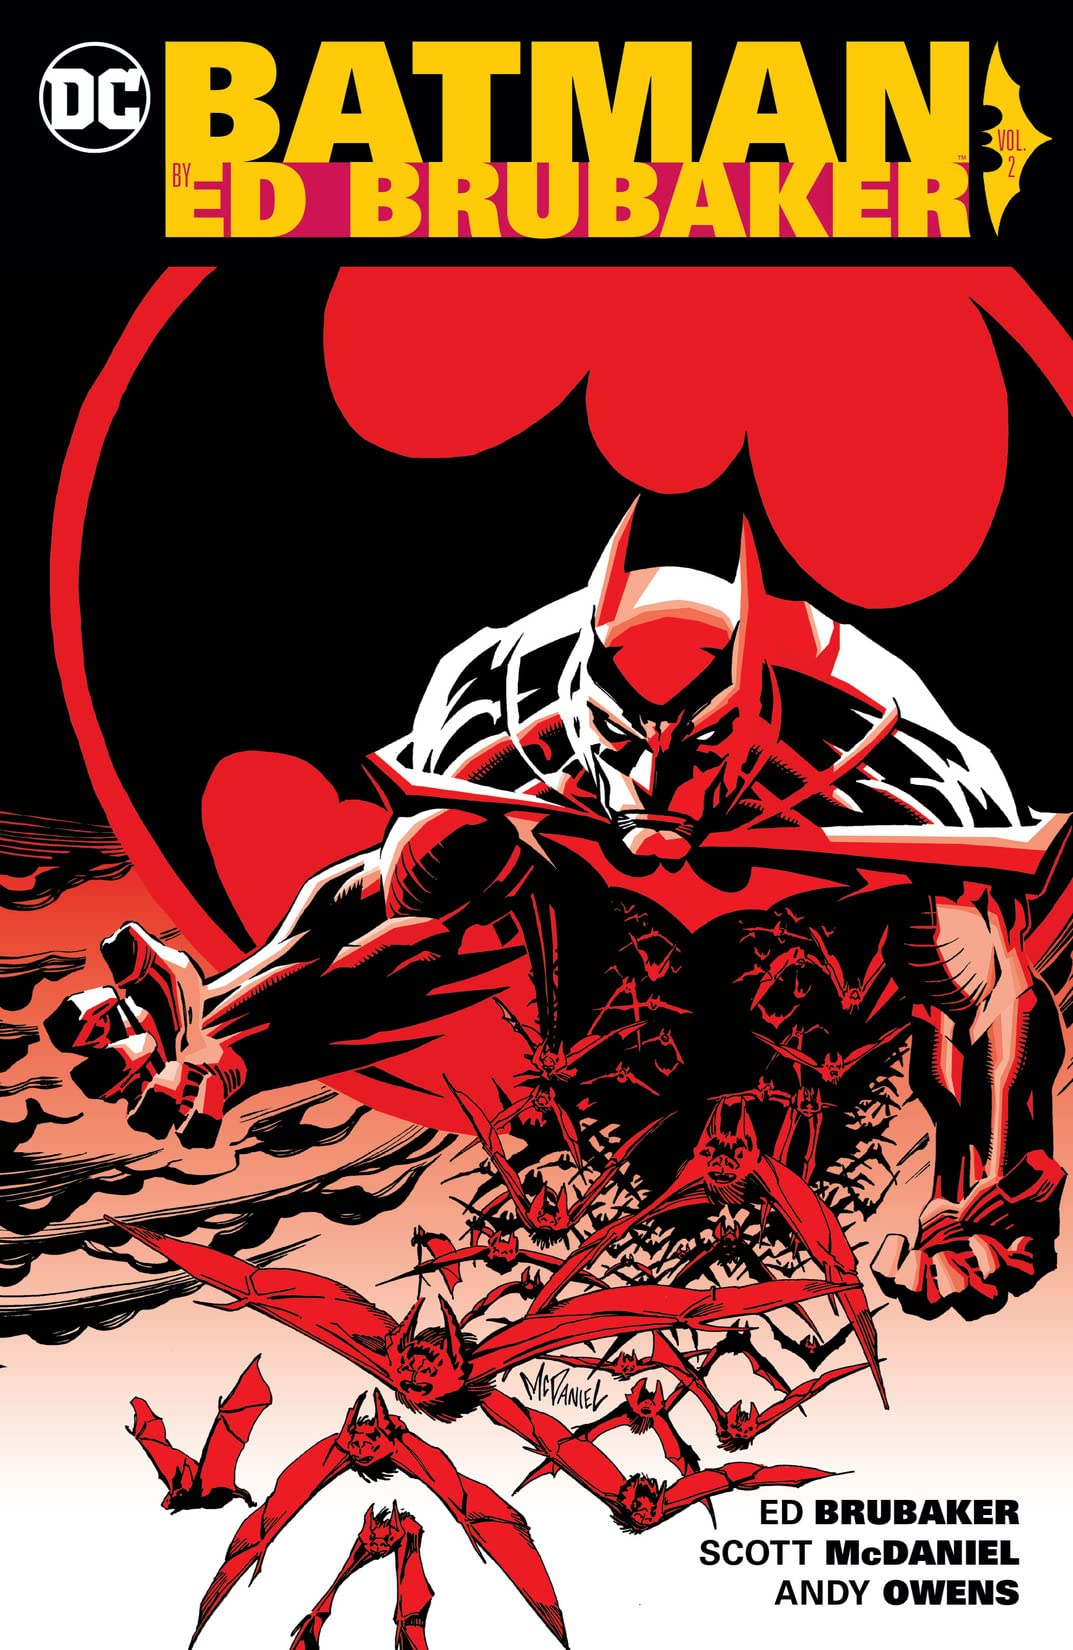 Batman By Ed Brubaker Vol. 2